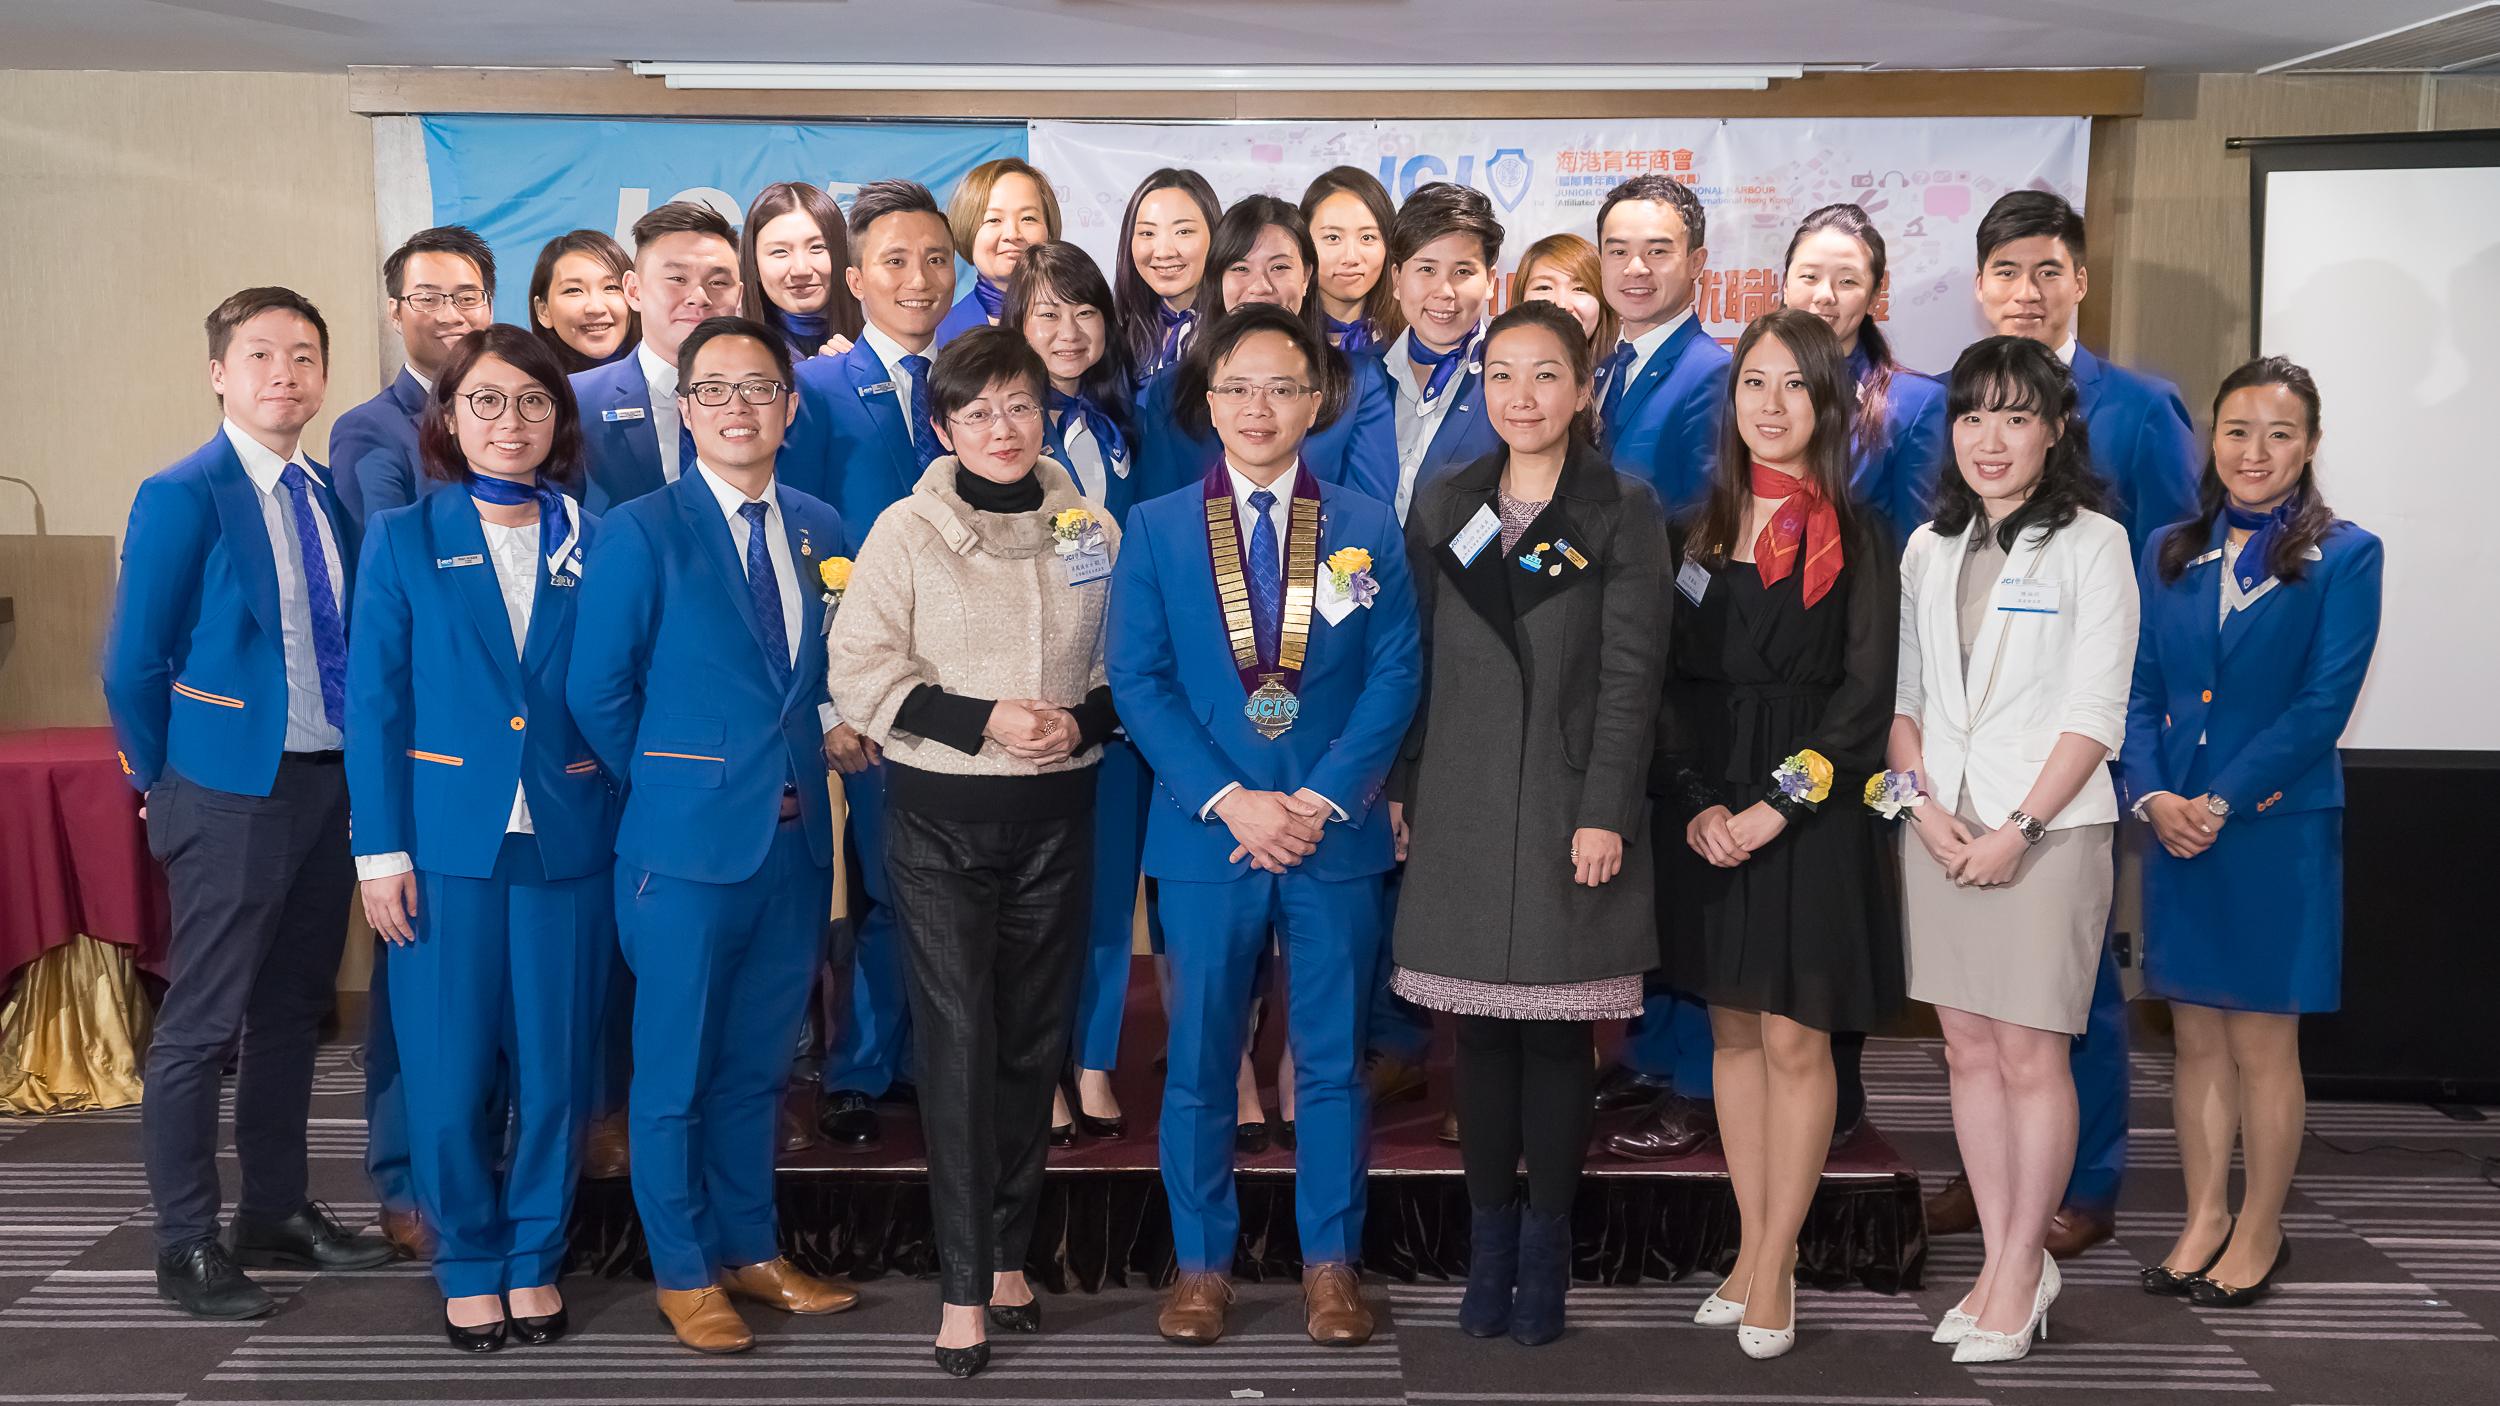 20170115 HJC Inaugural Day - Final-222